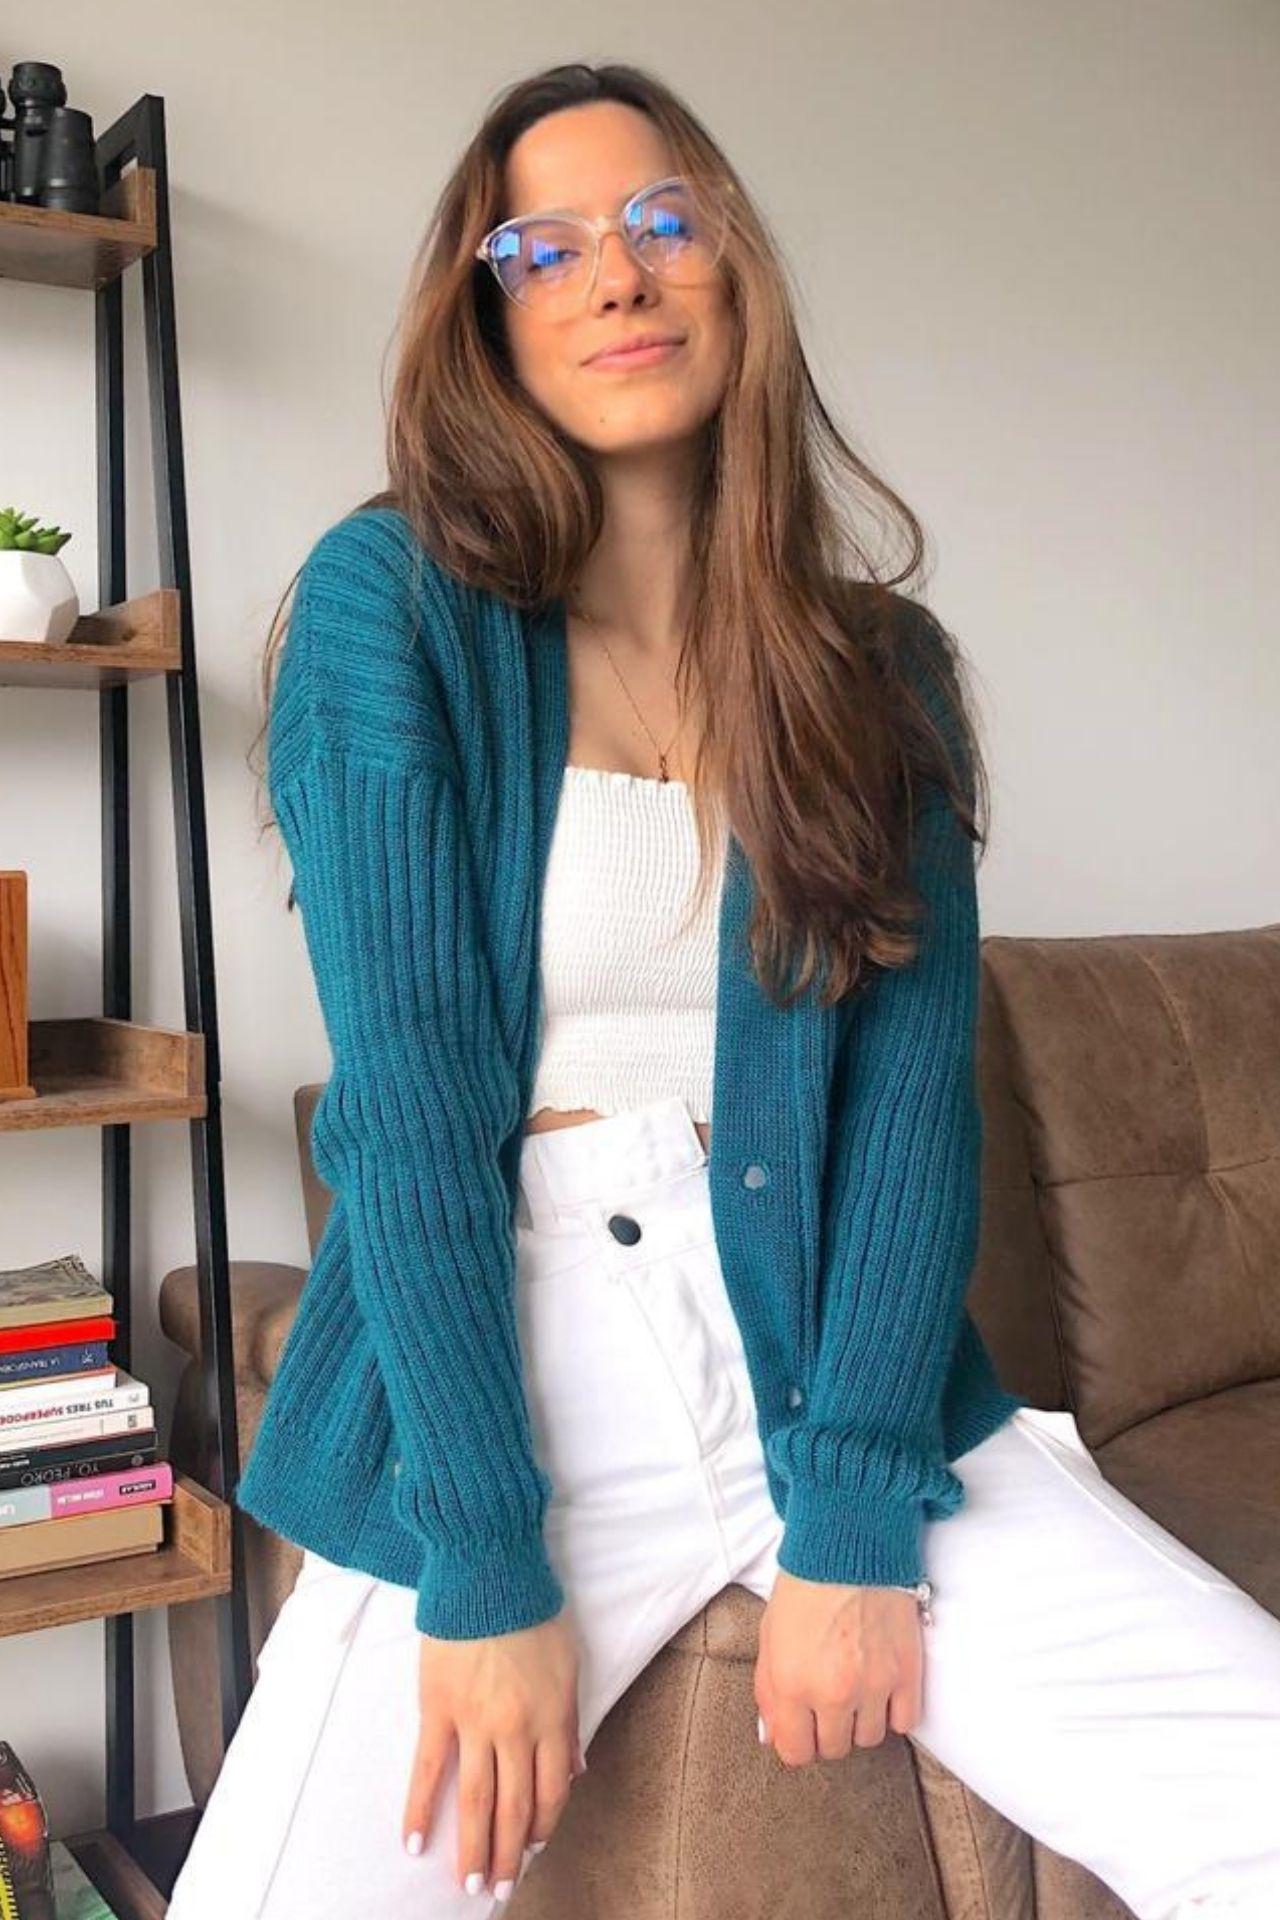 Cardigan tejido en hilo suave.Prendaversátil, práctica yútil. Gran tendencia de la moda que vale la pena tener en nuestro closet. Puedes combinarlos con faldas, jeans o vestidos y son adecuados para cualquier temporada.  Usando una base de colorneutropuedes tener la libertad de elegirel color que quieras de cardigan. Puedes elegir entre Palo Rosa, Beige, Verde Agua, Ladrillo y Turquesa para una súper combinación.  *Guiarse de los colorse de la foto de las mangas.  Medidas:  Busto: 100 cm  Largo: 58 cm